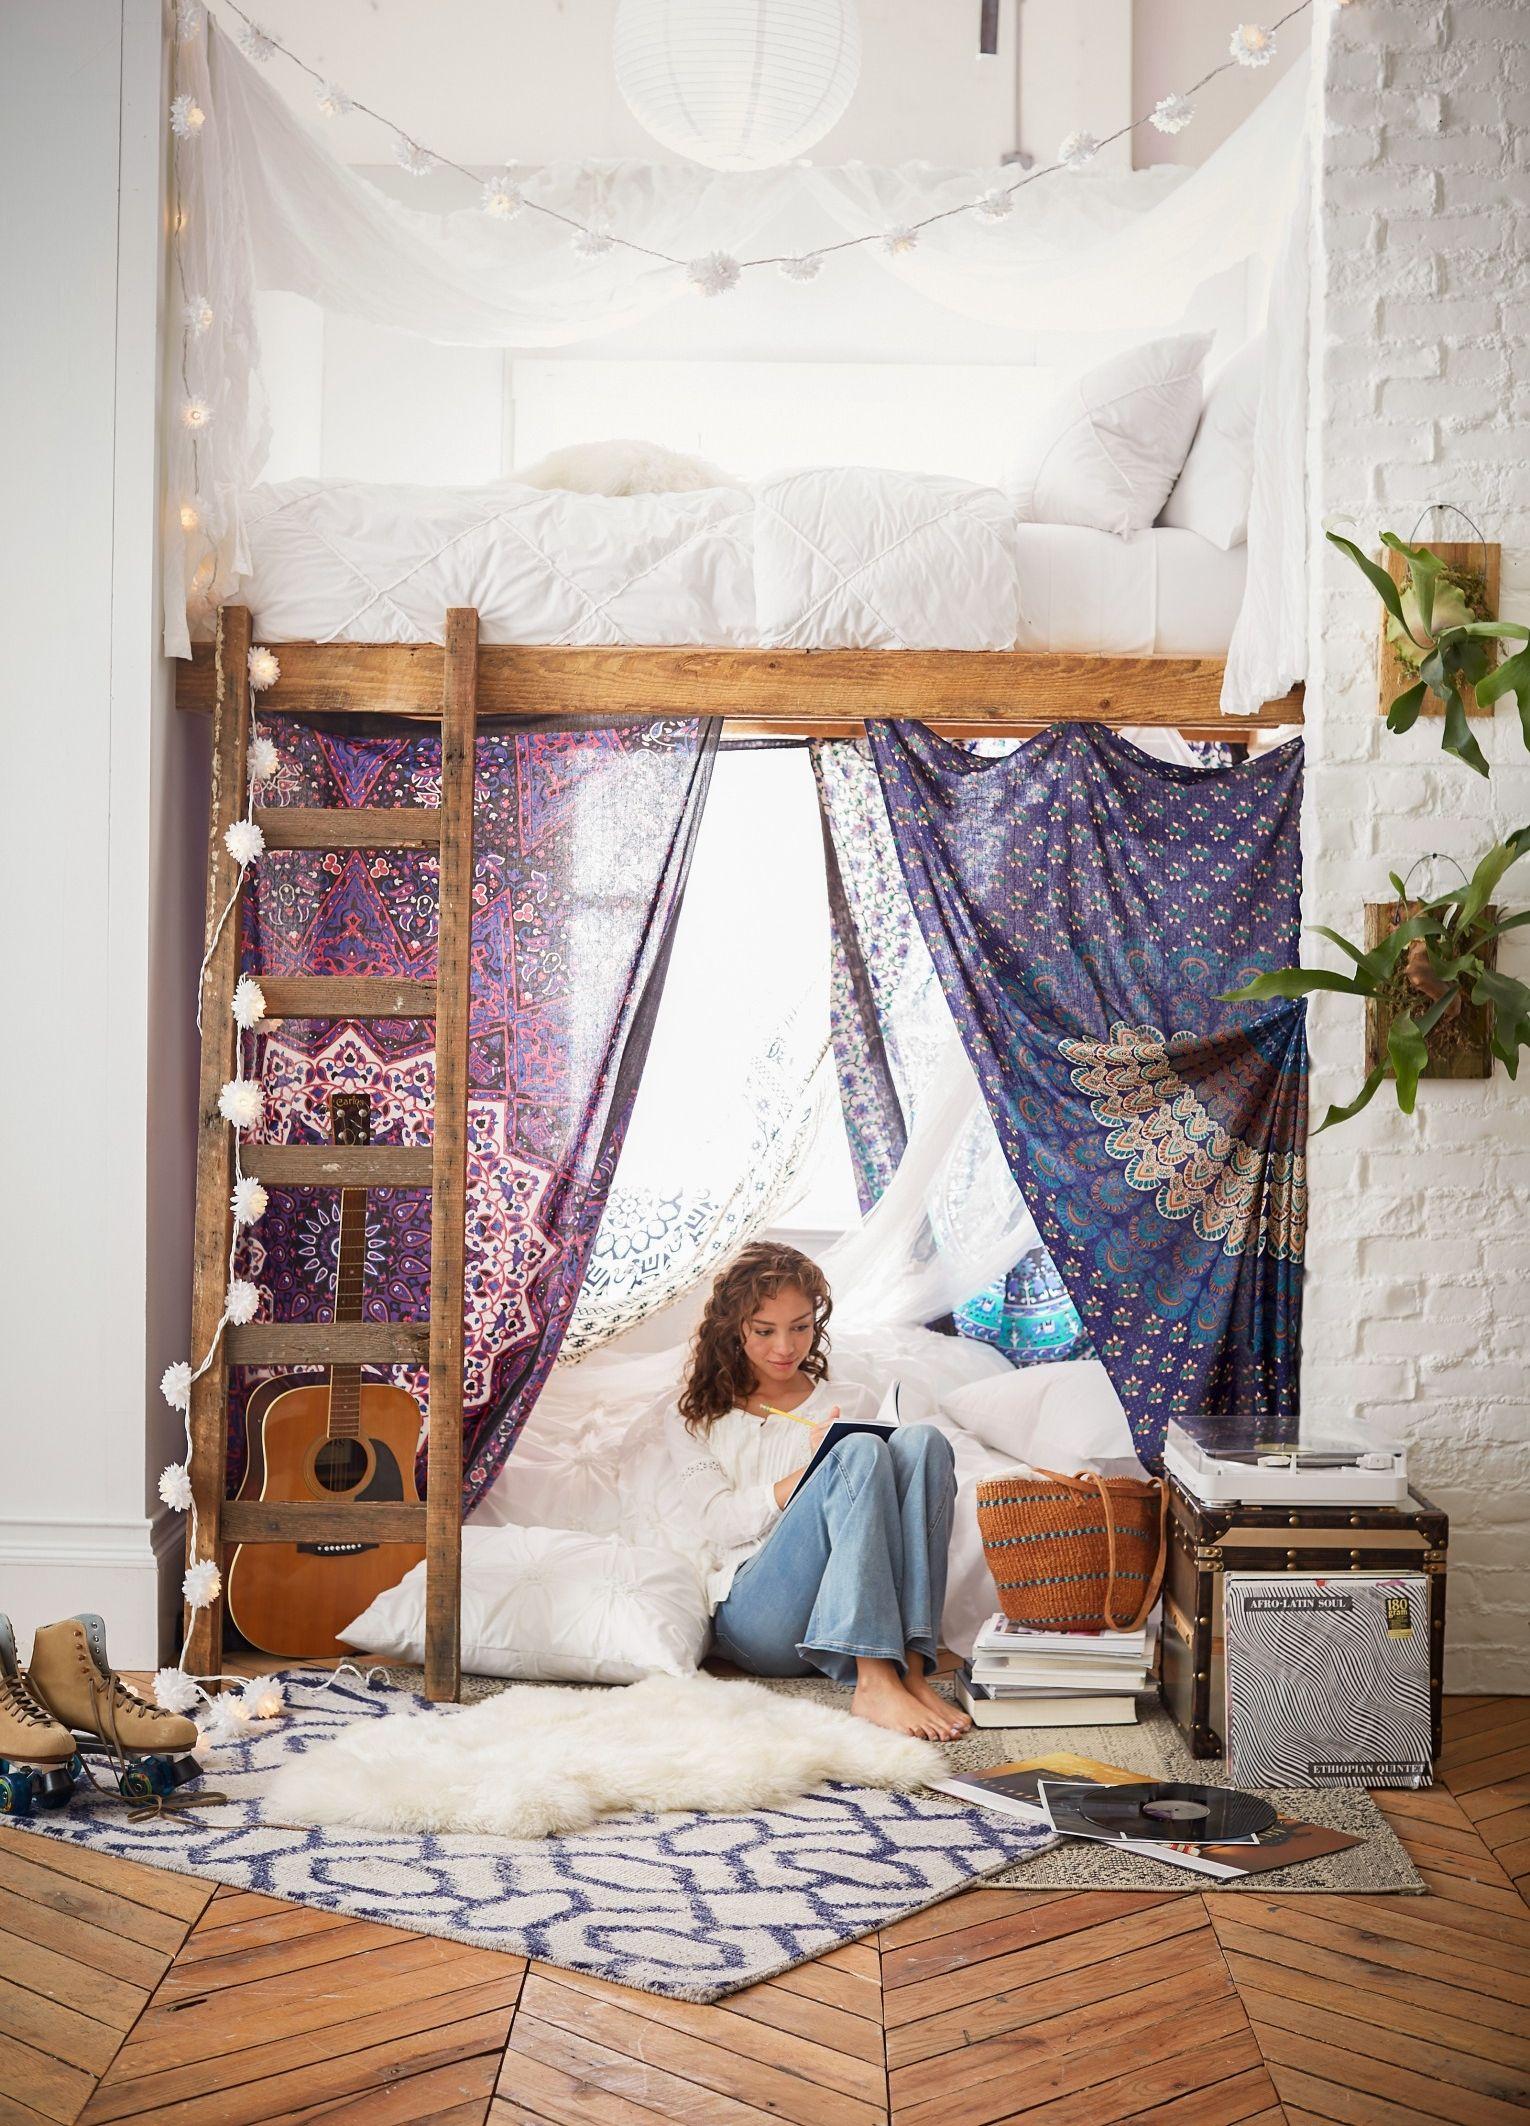 Loft bed decorating ideas   inspirerende teenageværelser   Imagenes  Pinterest  Bedroom